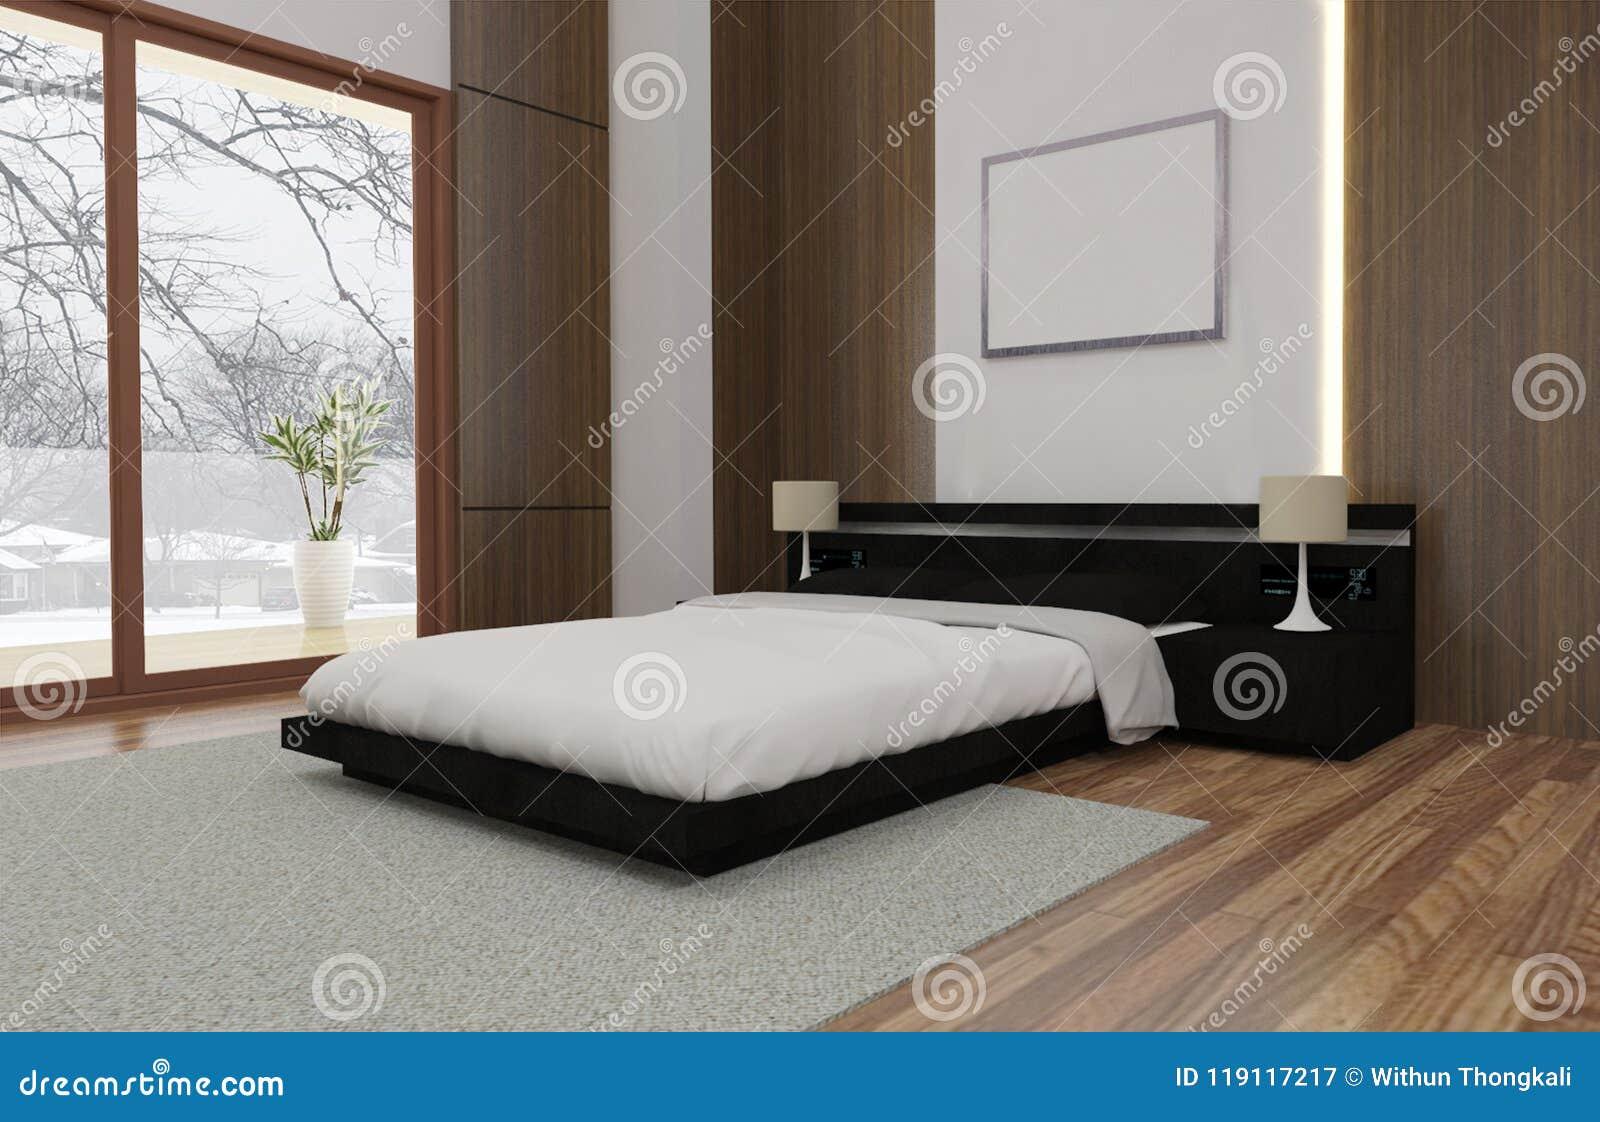 Το μινιμαλιστικό και Σκανδιναβικό ύφος με την άνετη κρεβατοκάμαρα εσωτερική και τρισδιάστατη δίνει